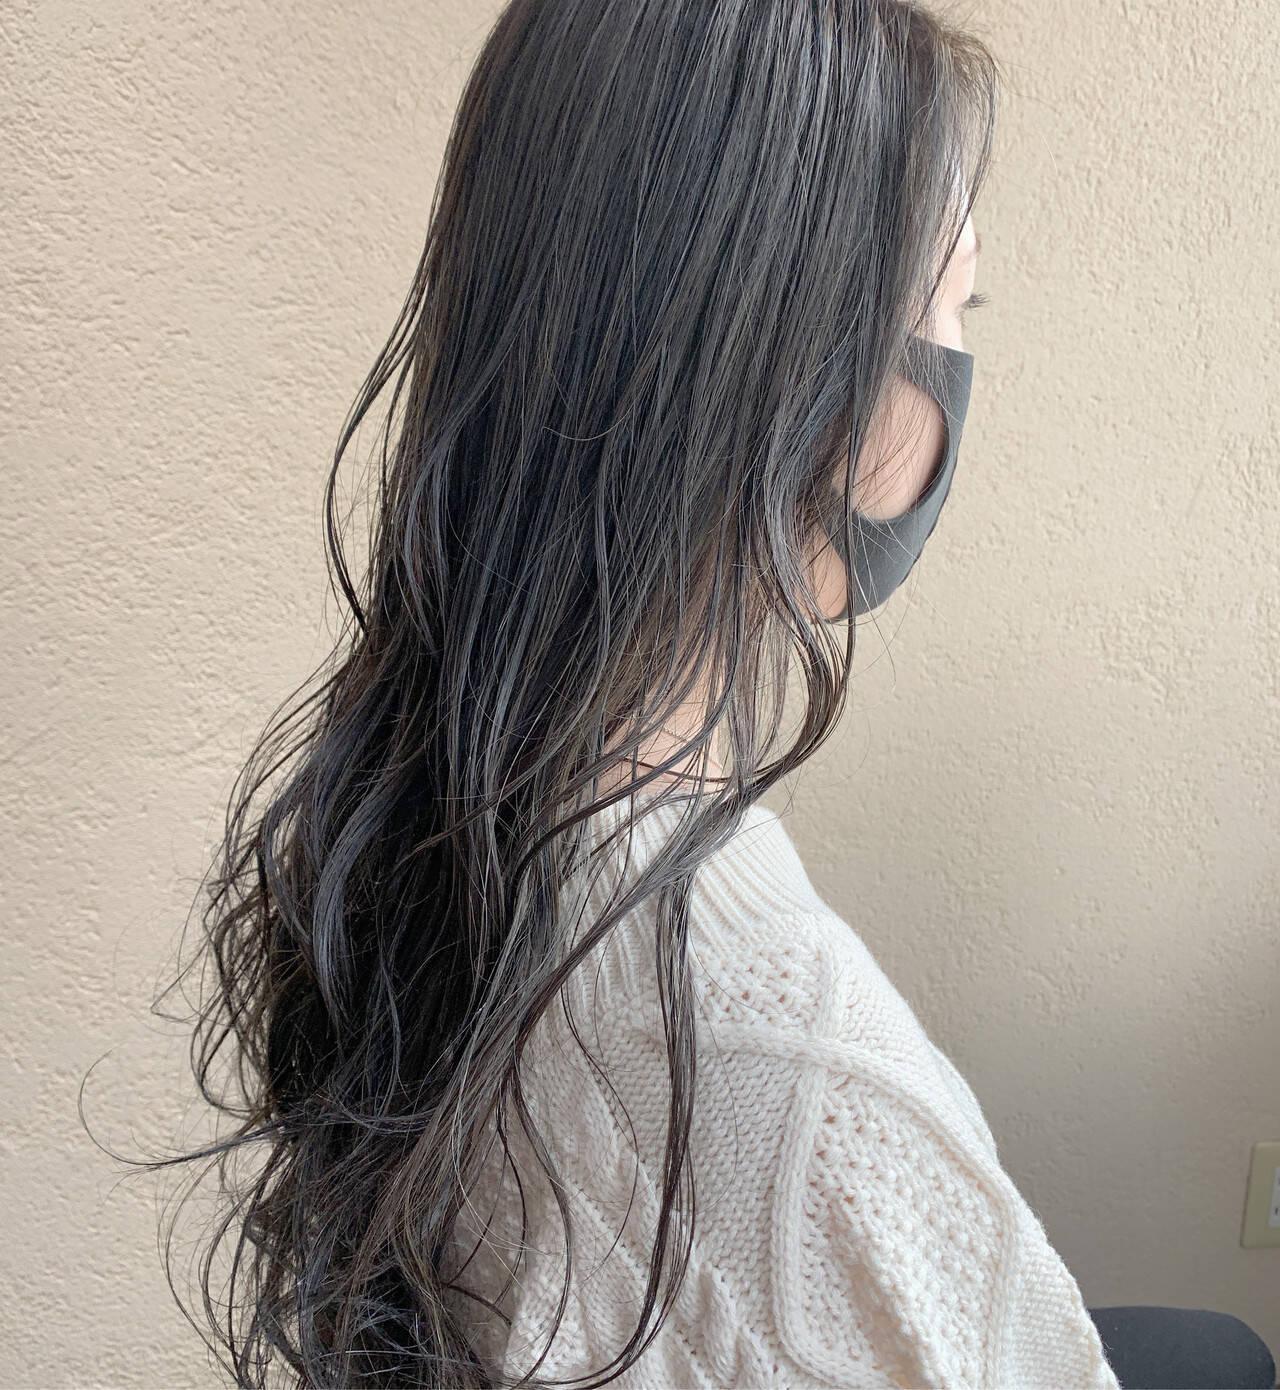 コントラストハイライト ロング アンニュイほつれヘア ナチュラルヘアスタイルや髪型の写真・画像